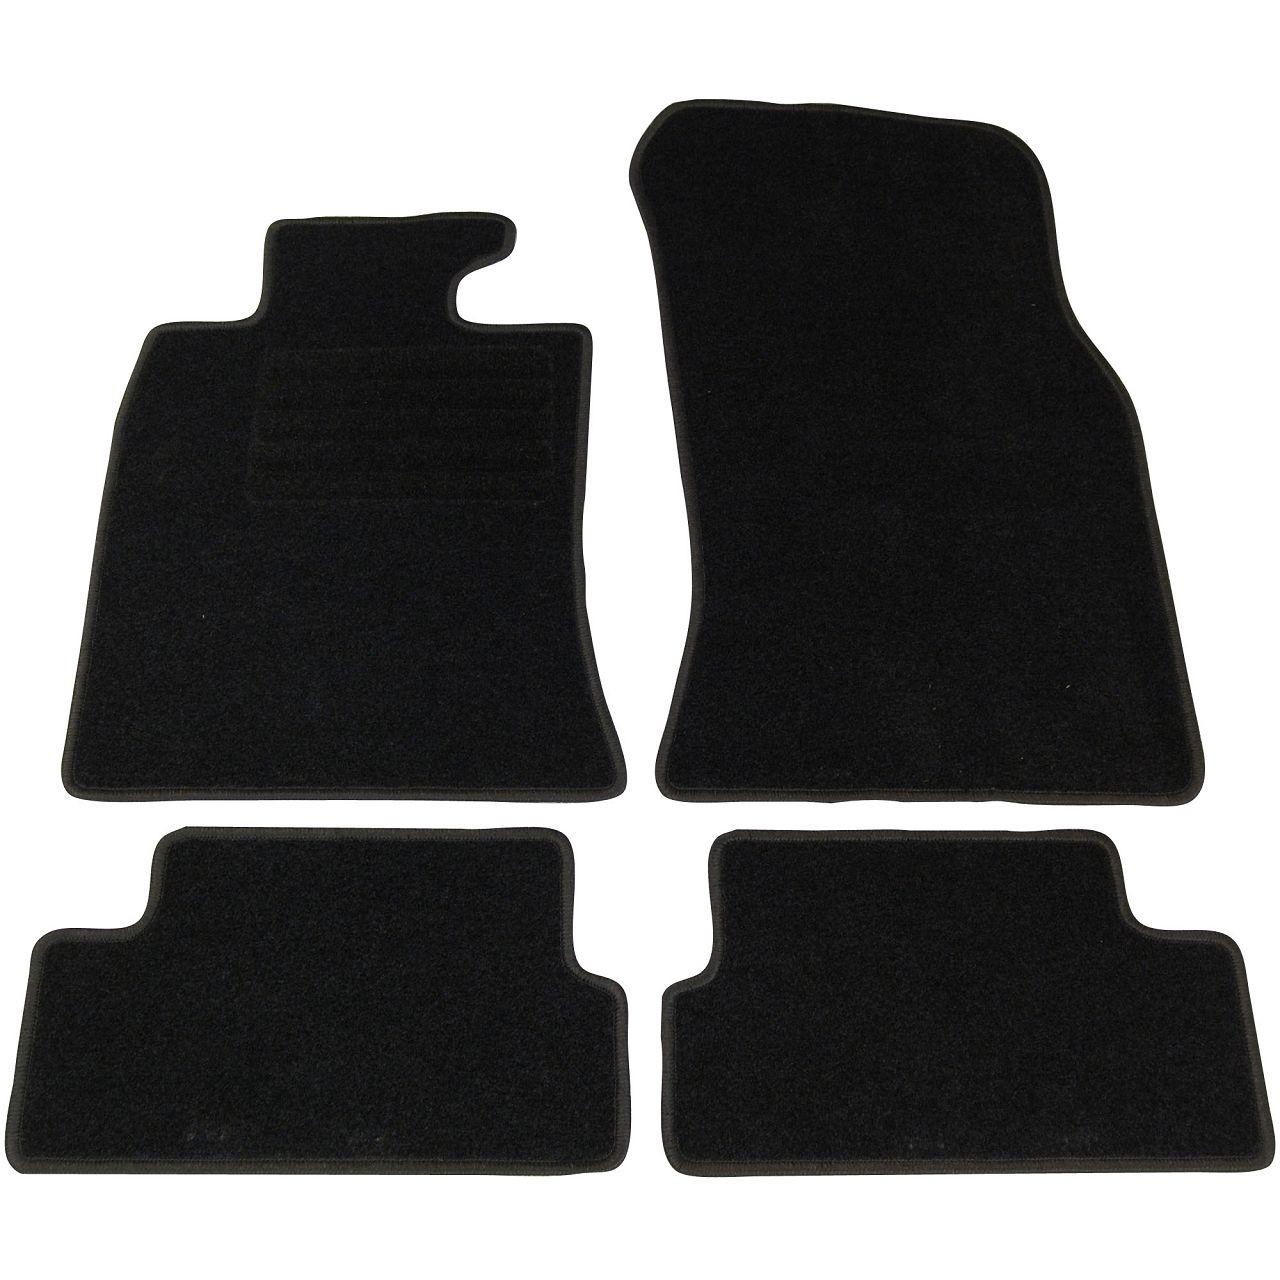 Veloursmatten Textilmatten Fußmatten Automatten MINI Cooper / One R56 4-tlg